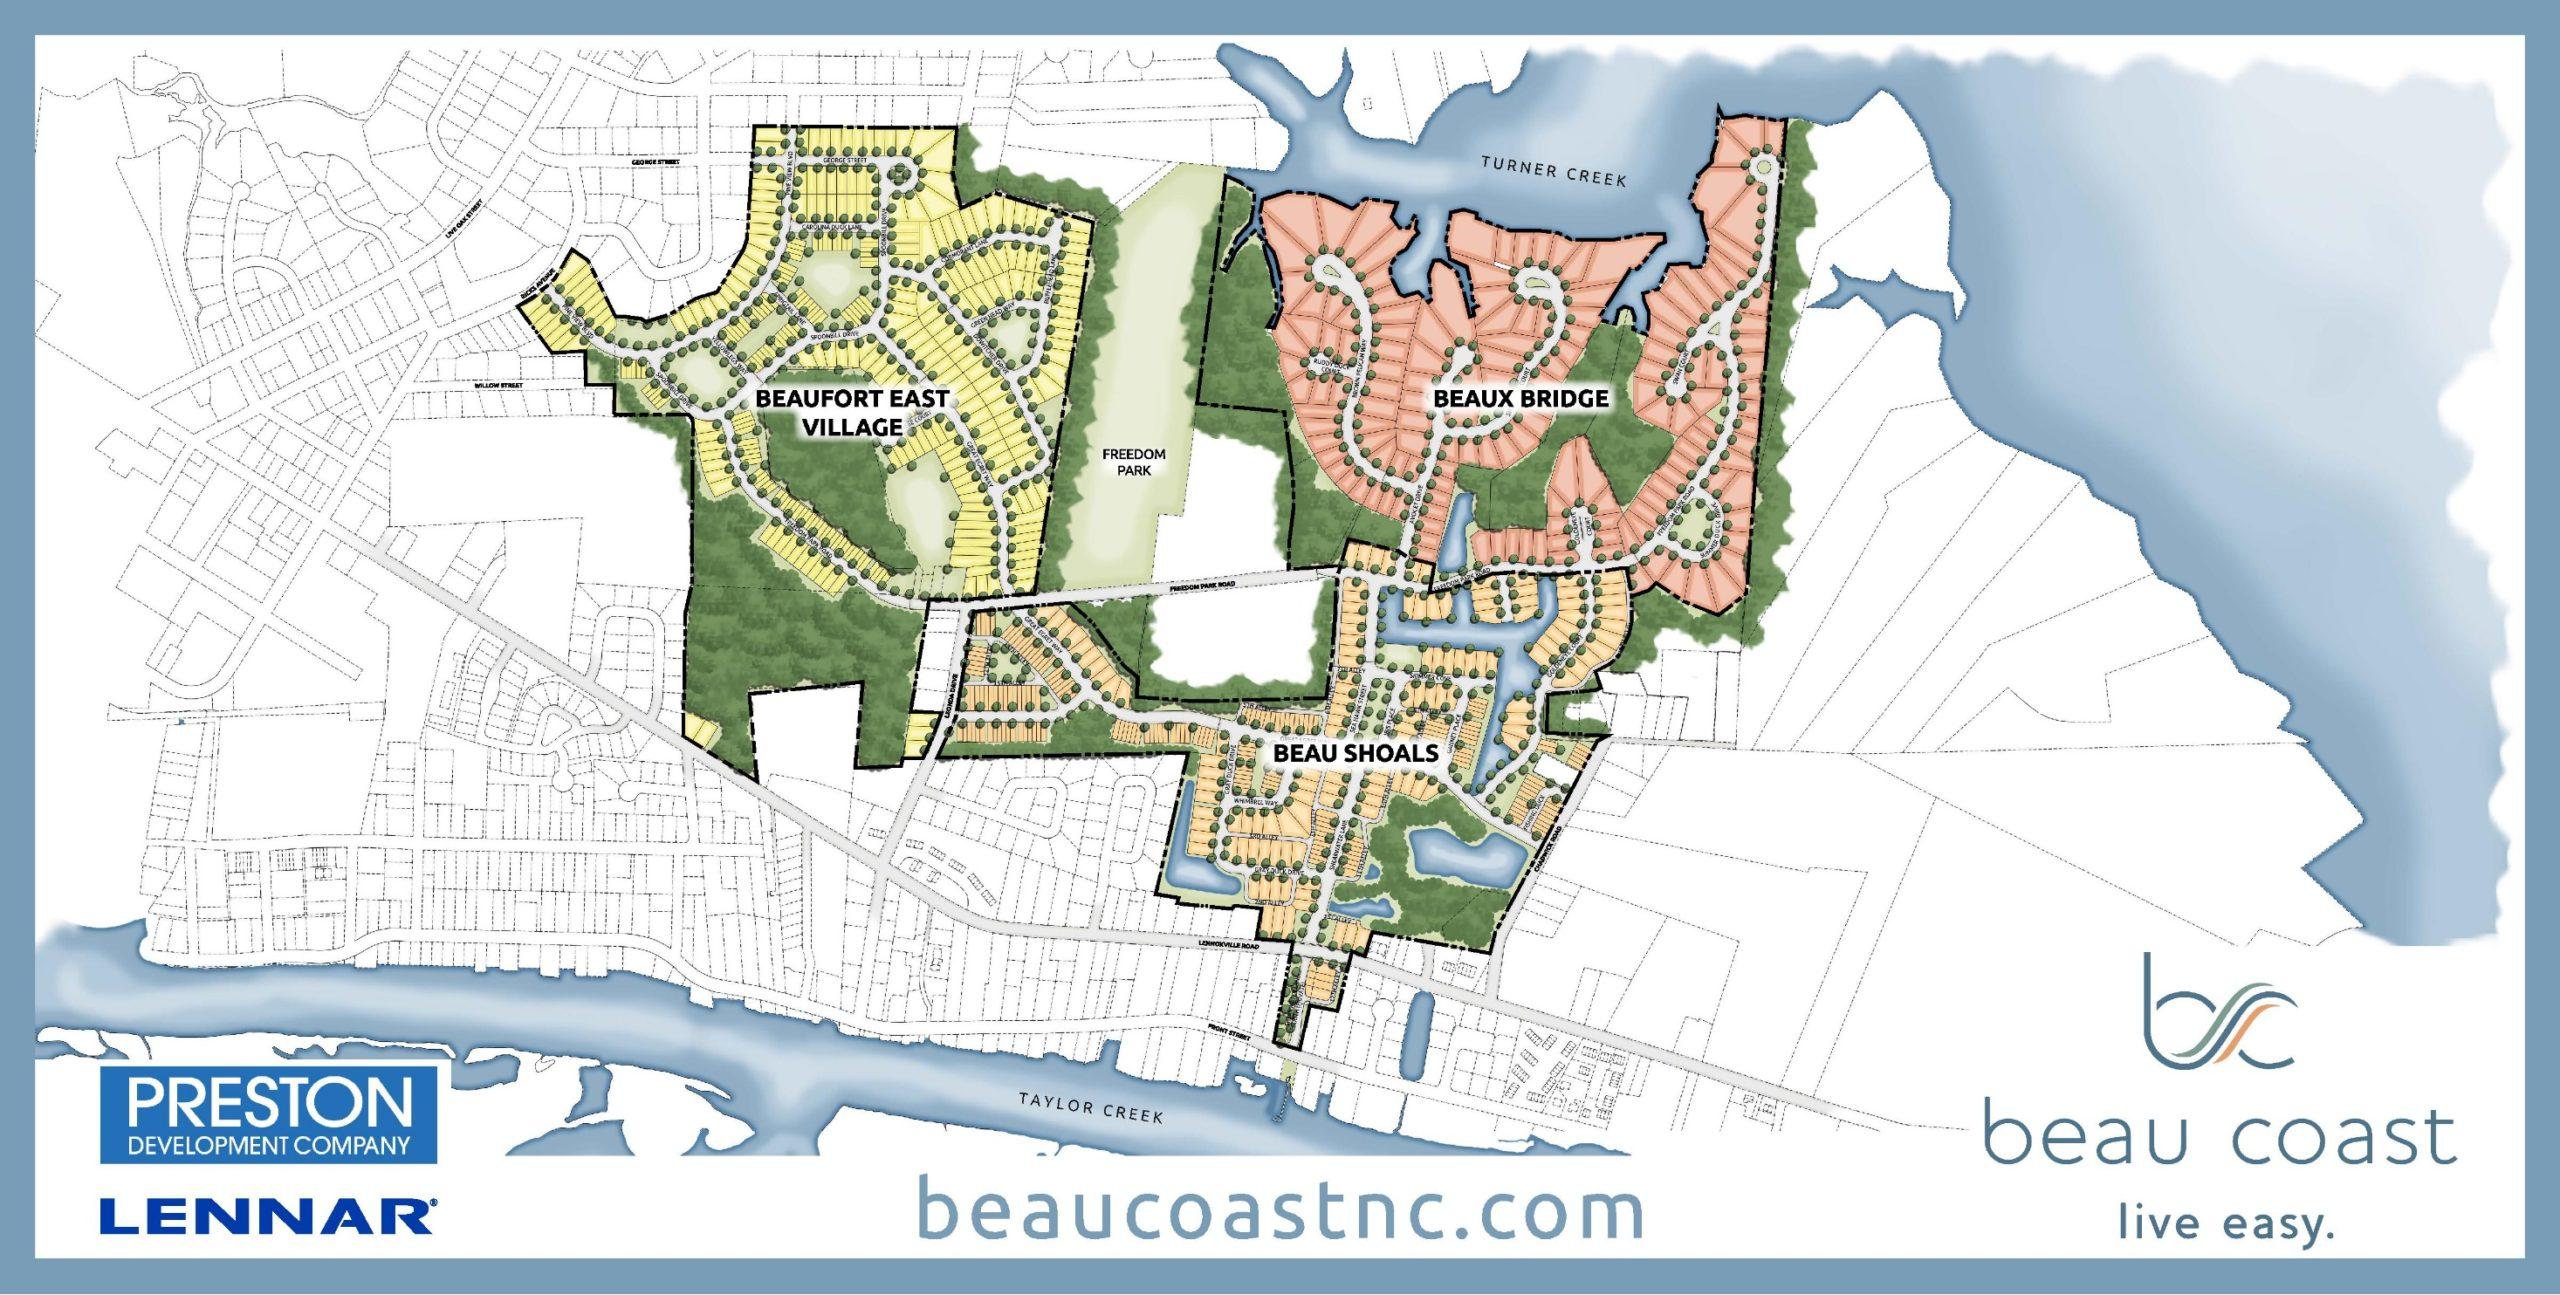 beau-coast (16)